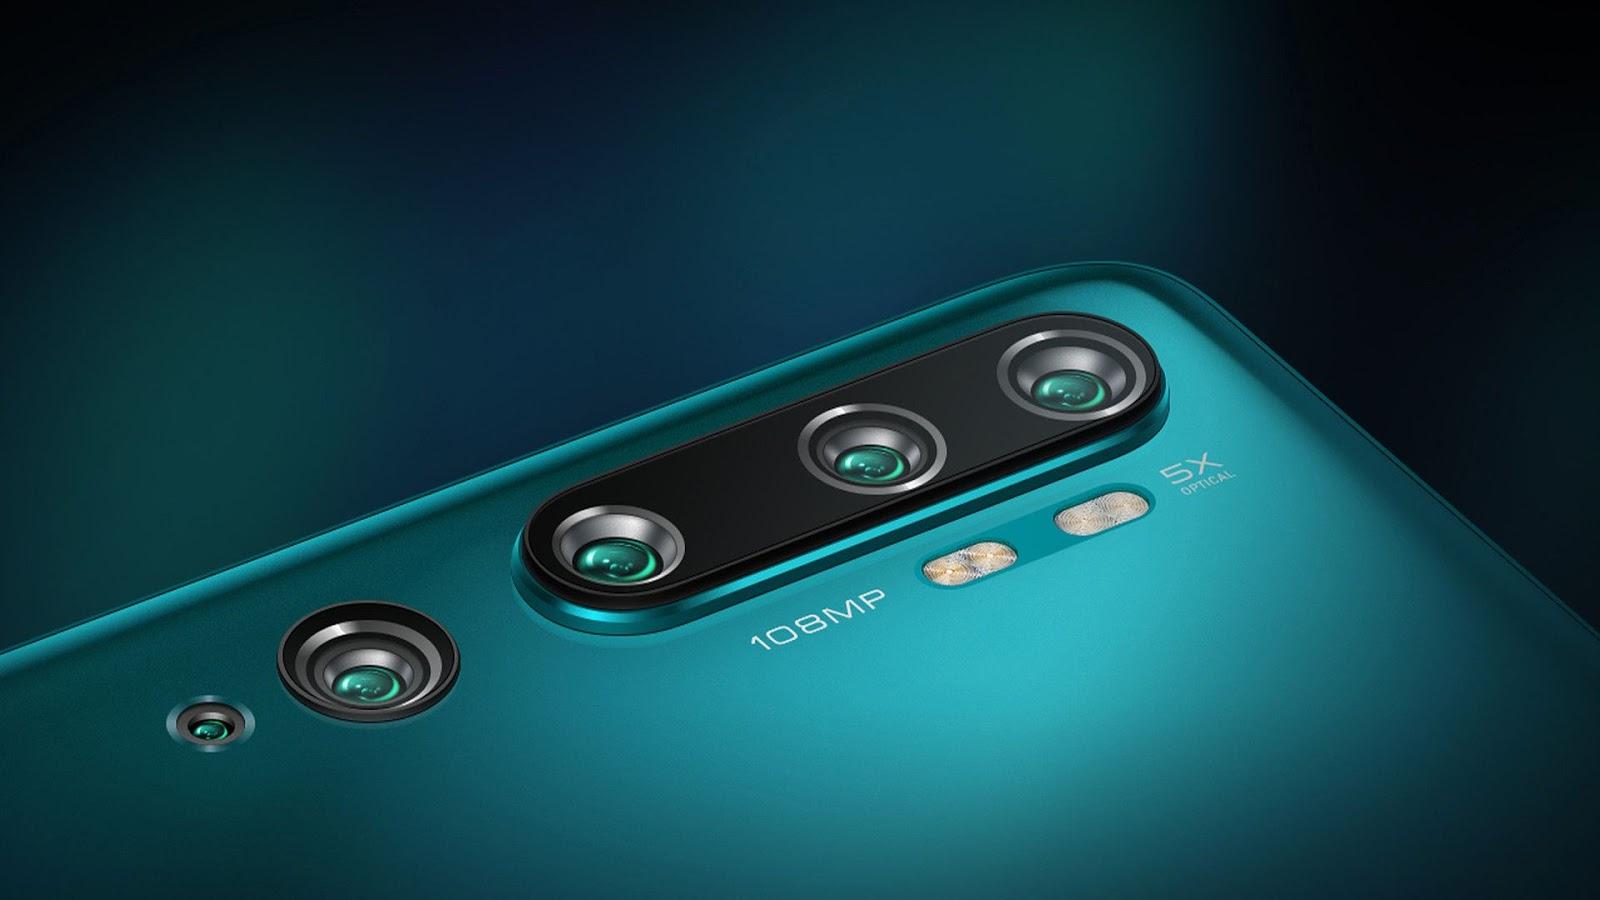 هاتف Xiaomi Mi Note 10 بكاميرا 108MP ... إليك خصائصه و كيفية الحصول عليه